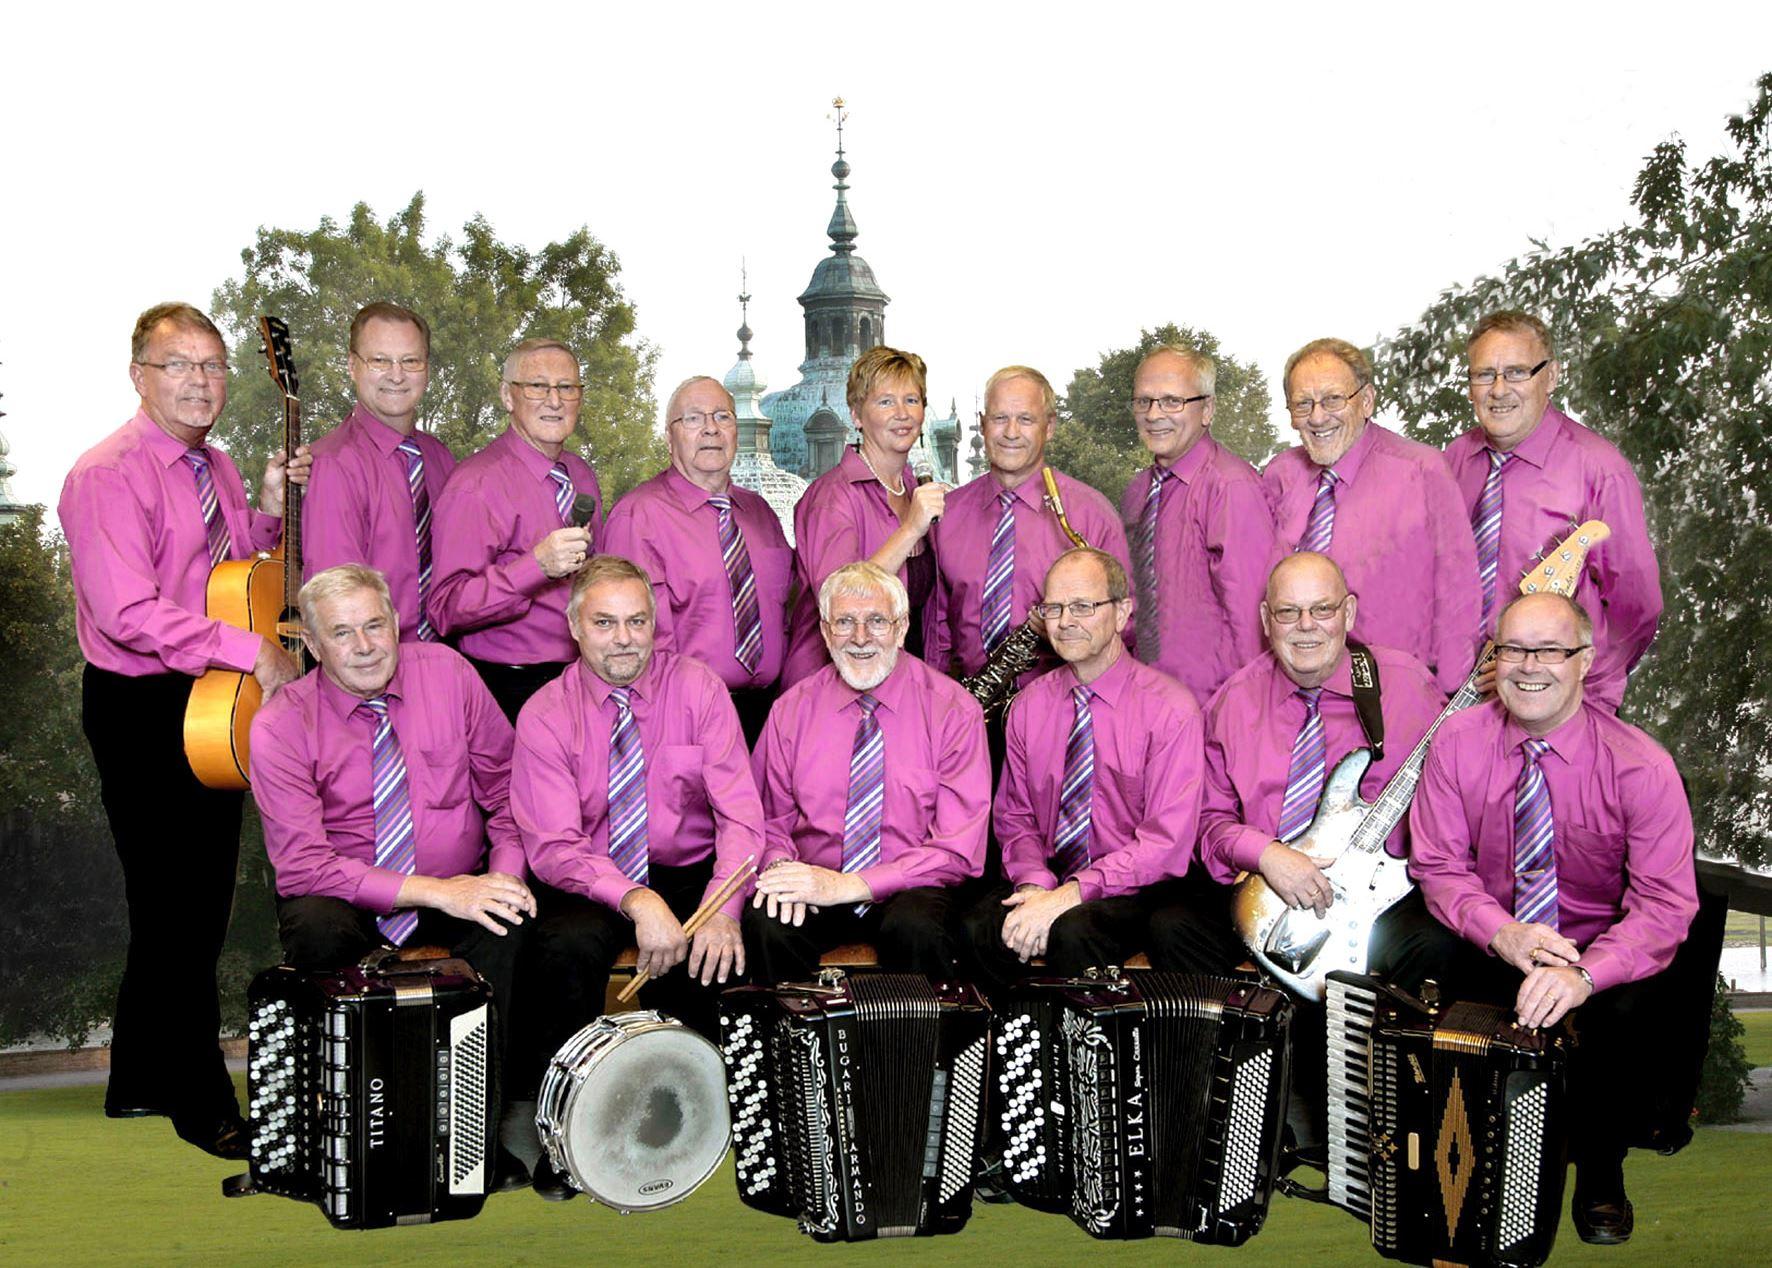 Kalmar Dragspelsklubb